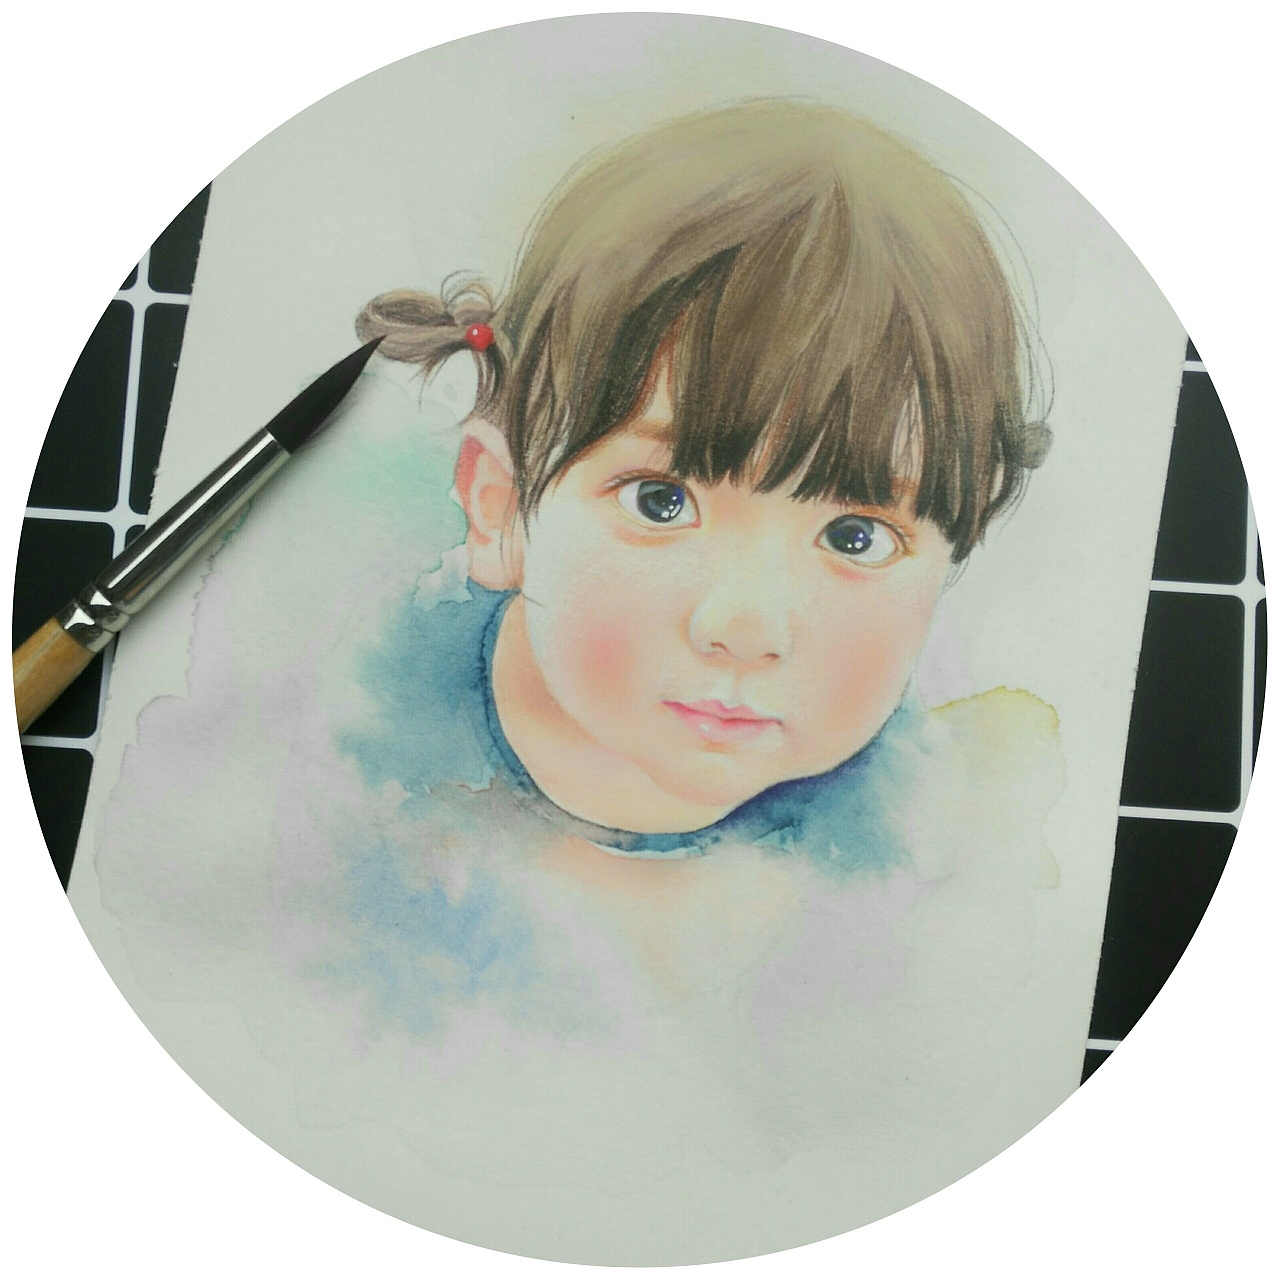 原创手绘|彩铅手绘